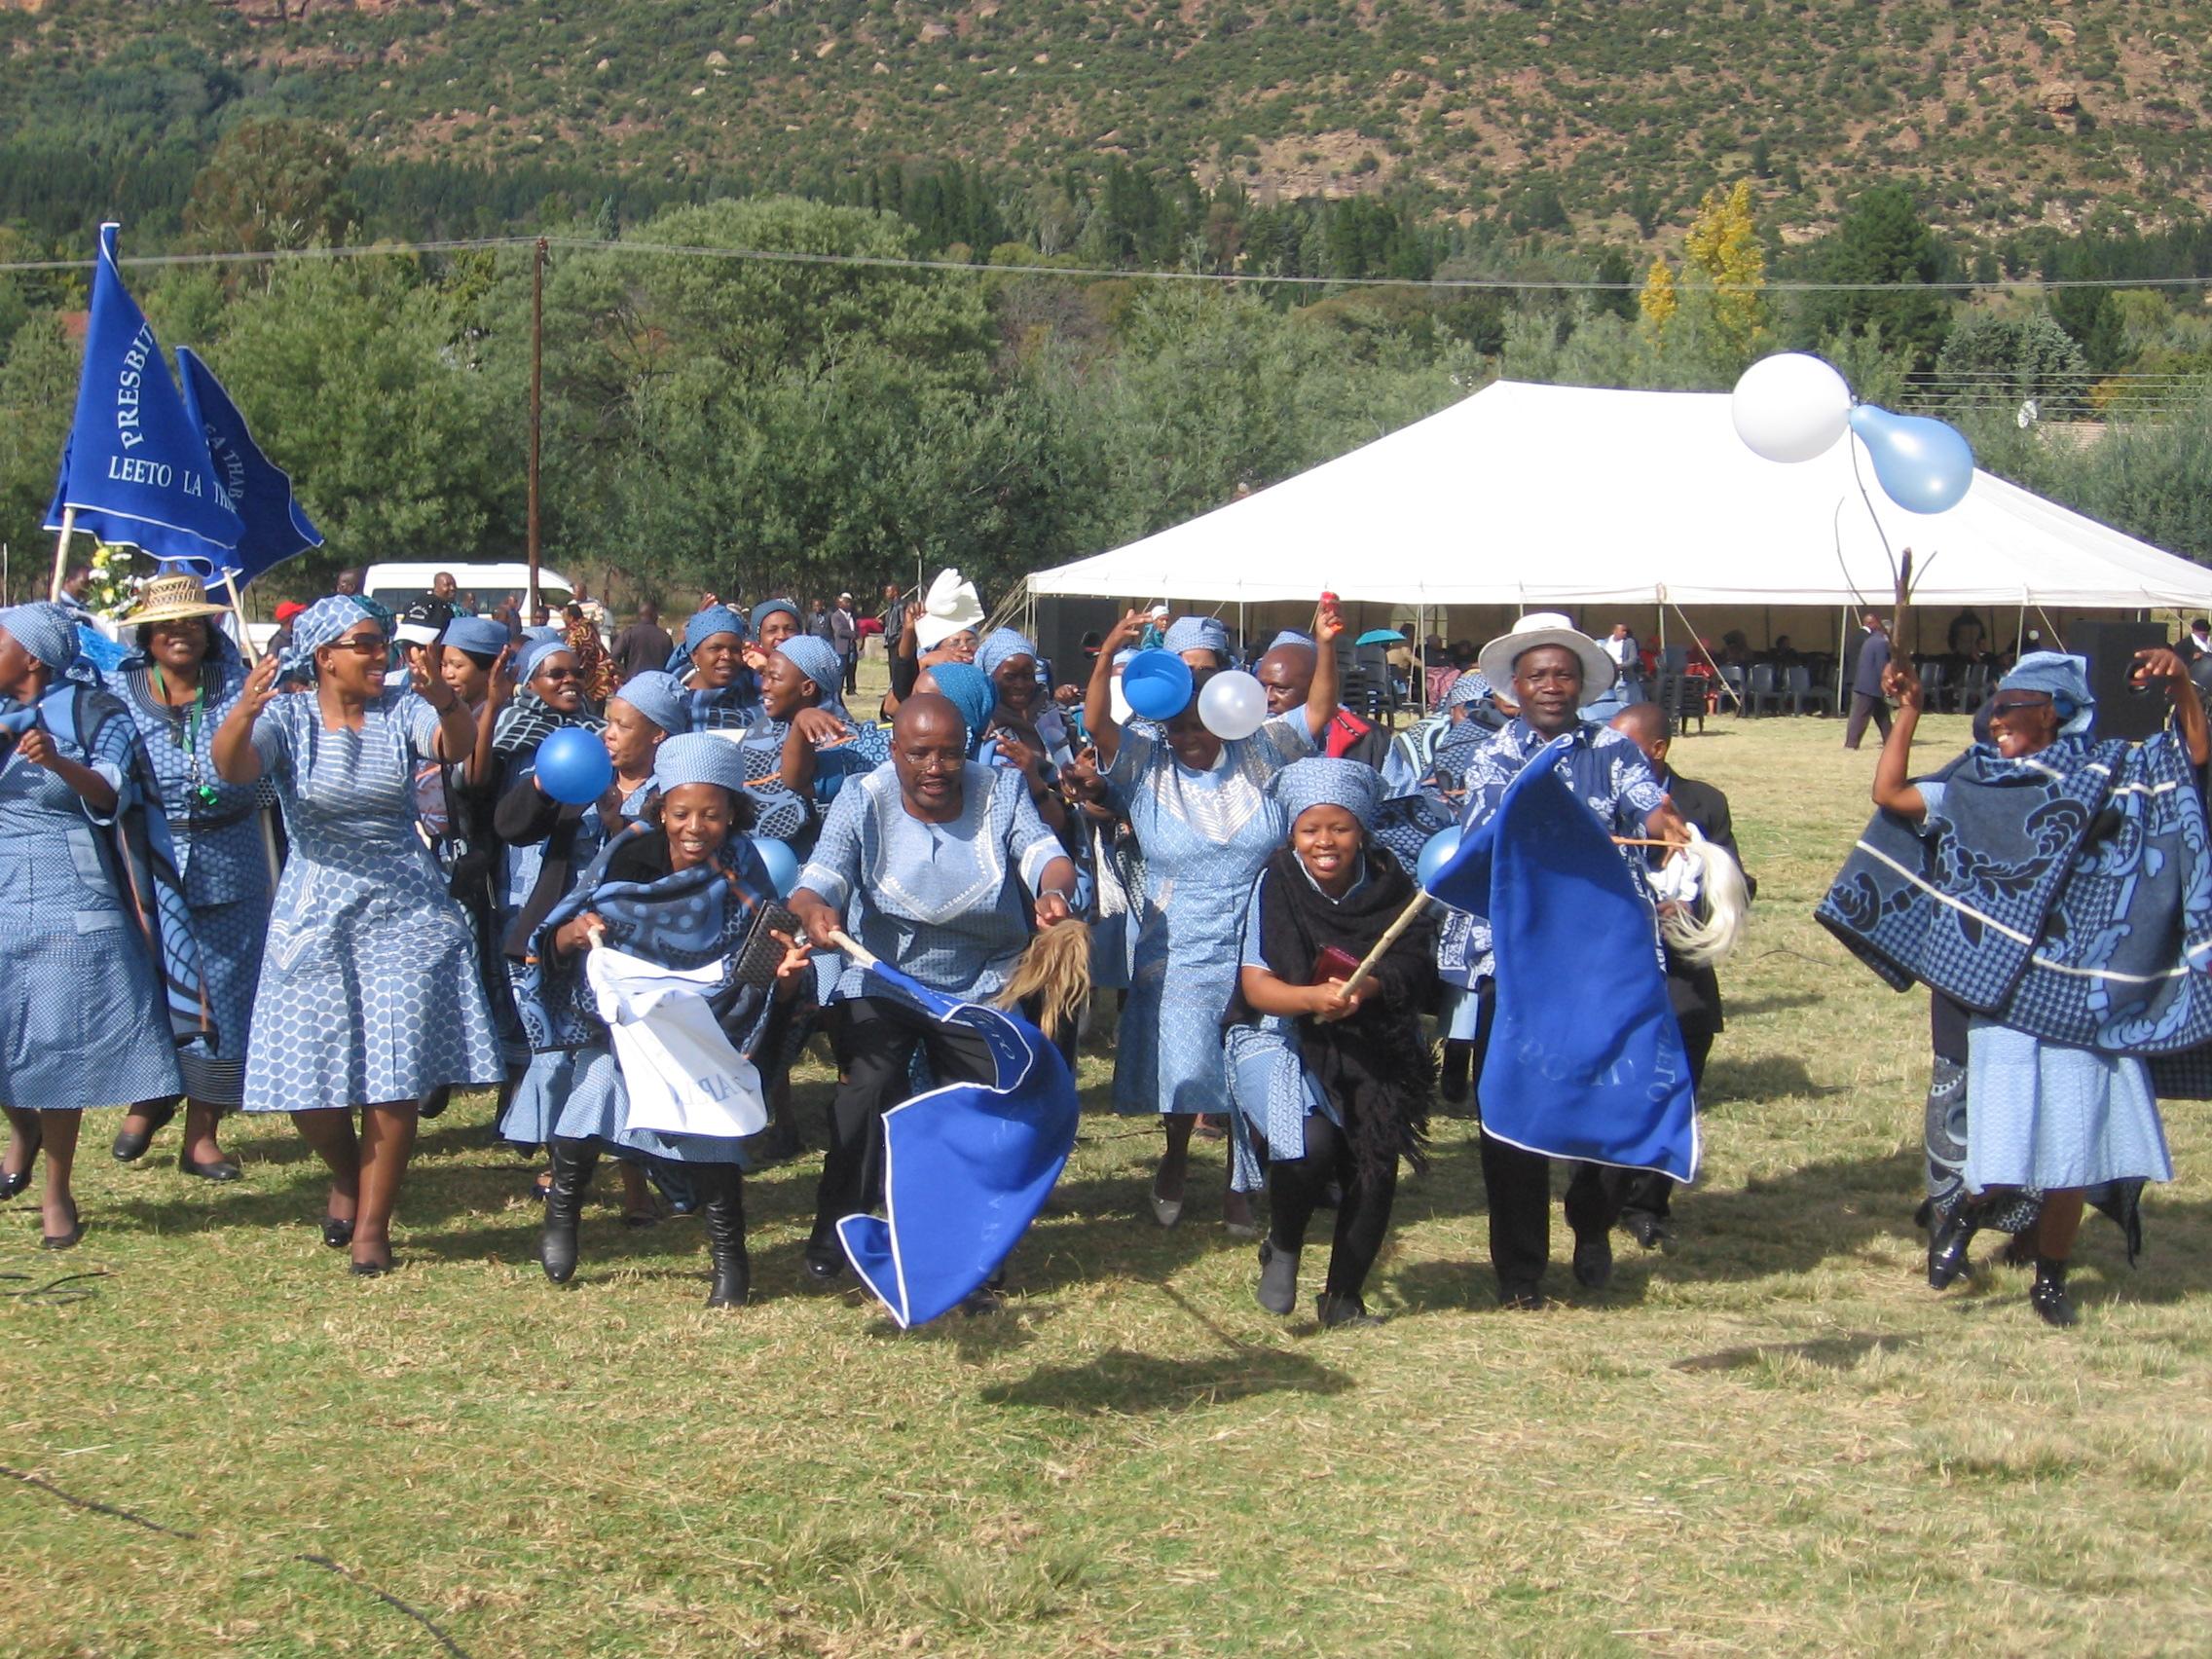 Lesotho_Behle_05.jpeg